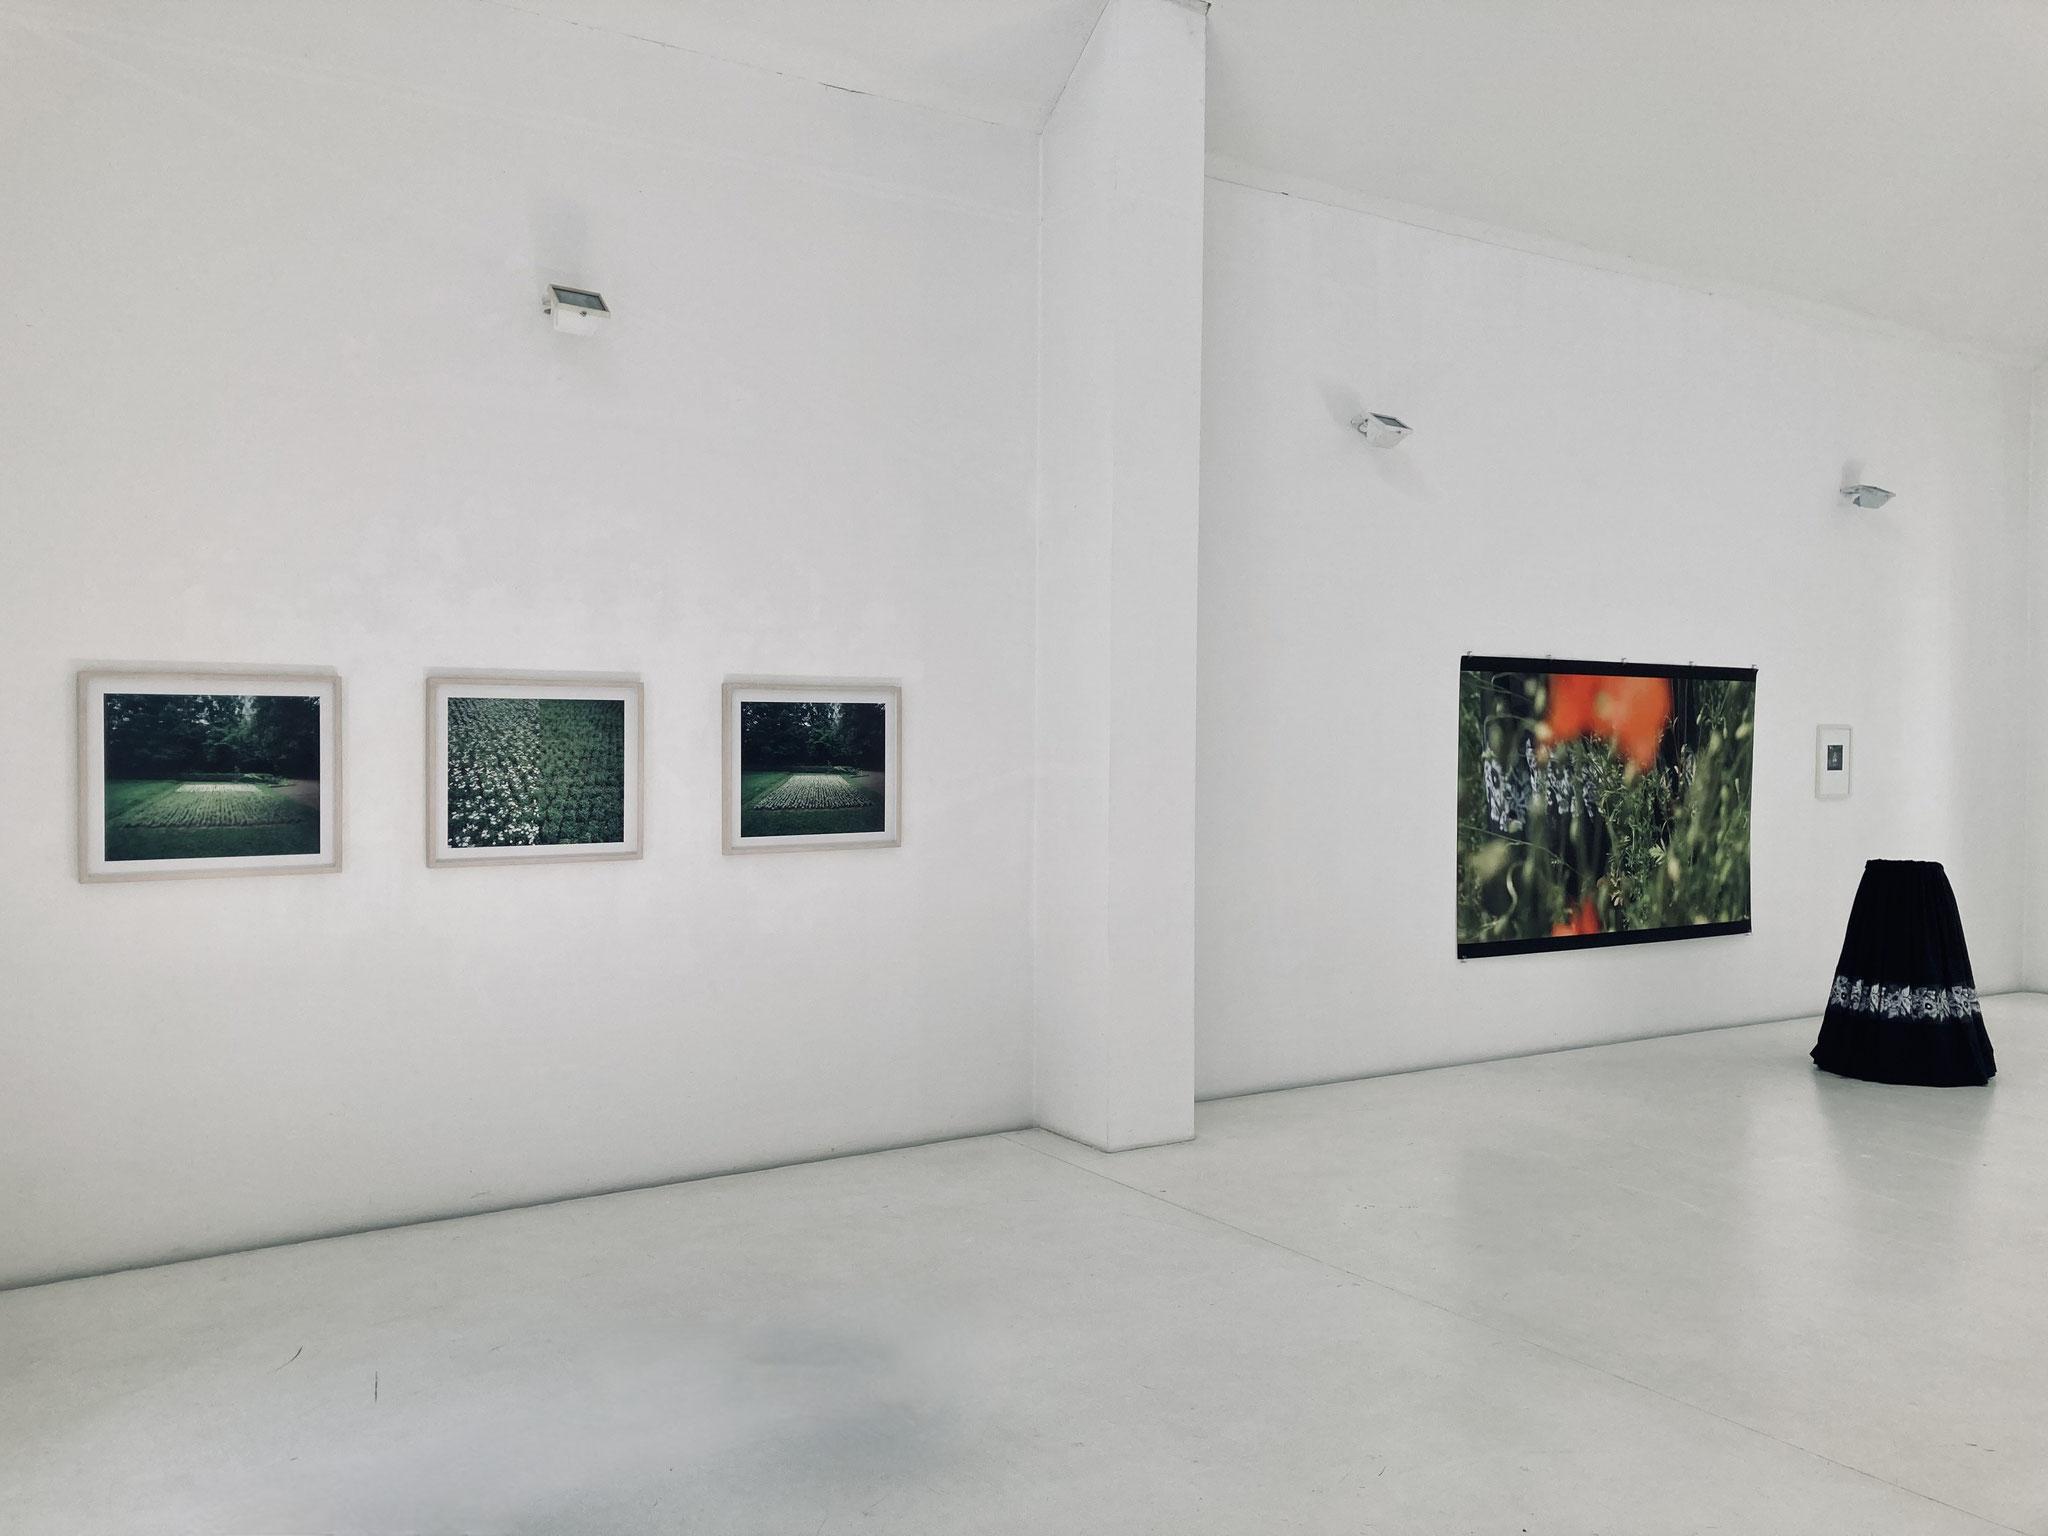 Ursula Neugebauer I still und stand I exhibition view Brigitte March ICA